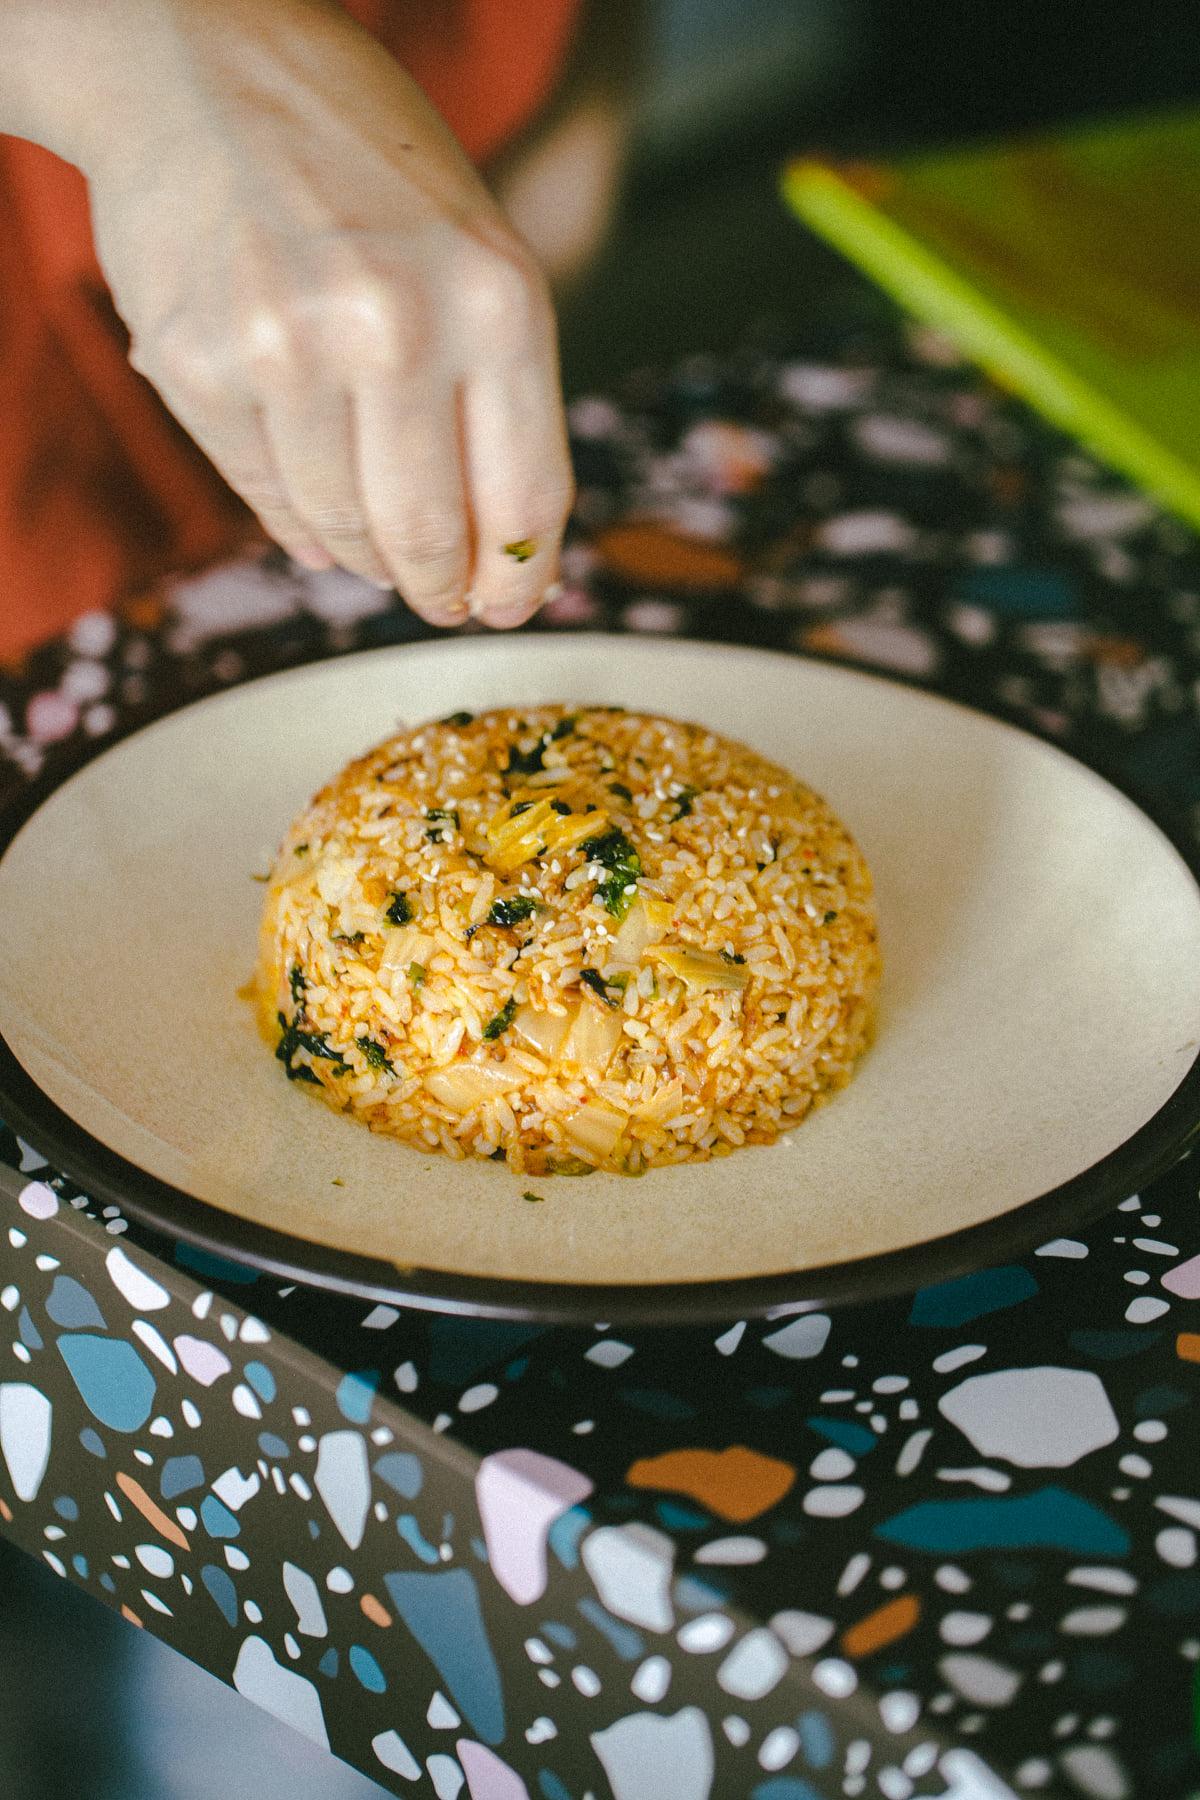 Fan mê mẩn ẩm thực Hàn Quốc thì phải ghé qua, làm và thưởng thức cơm rang kim chi nhanh thôi - Ảnh 4